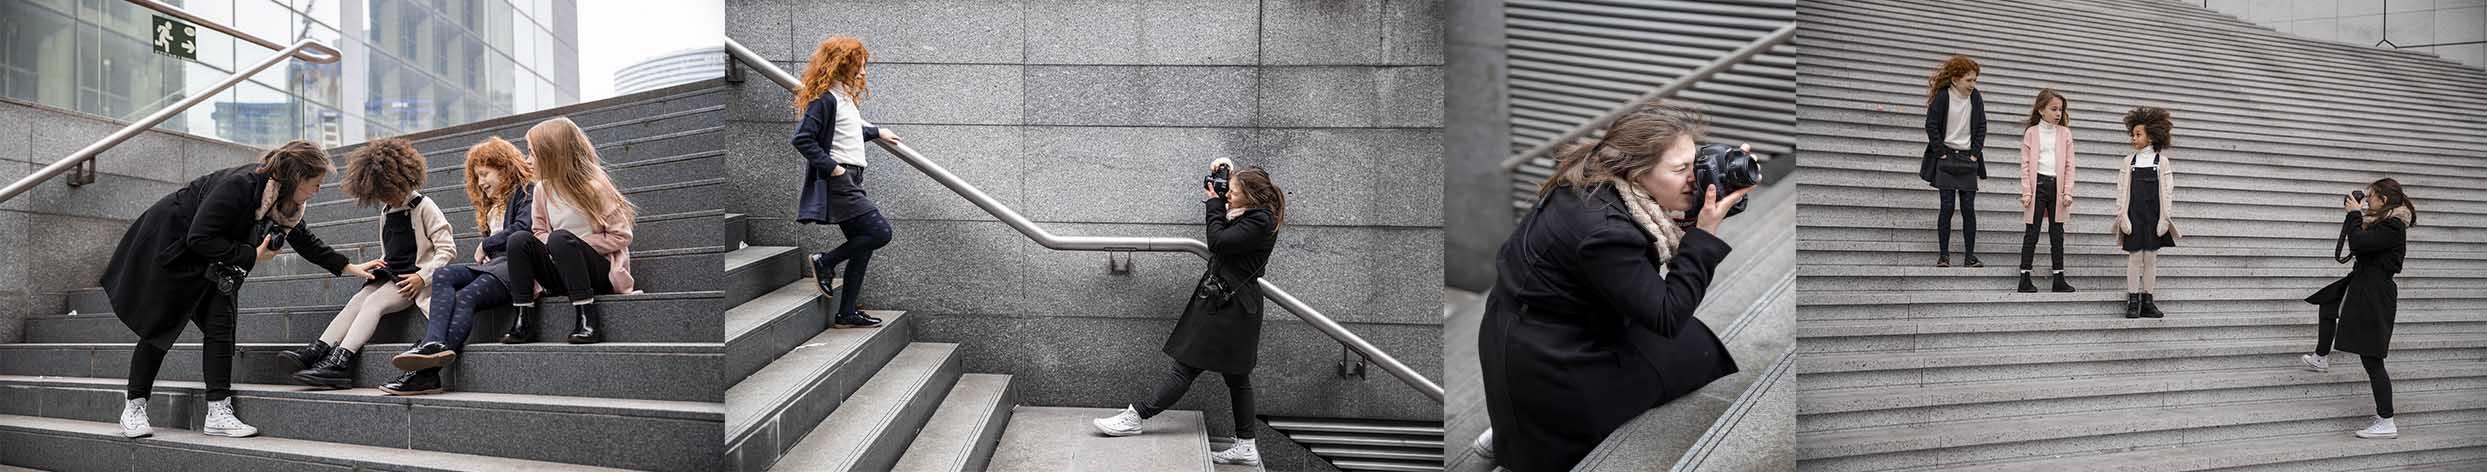 bandeau devis personnalisé photographe